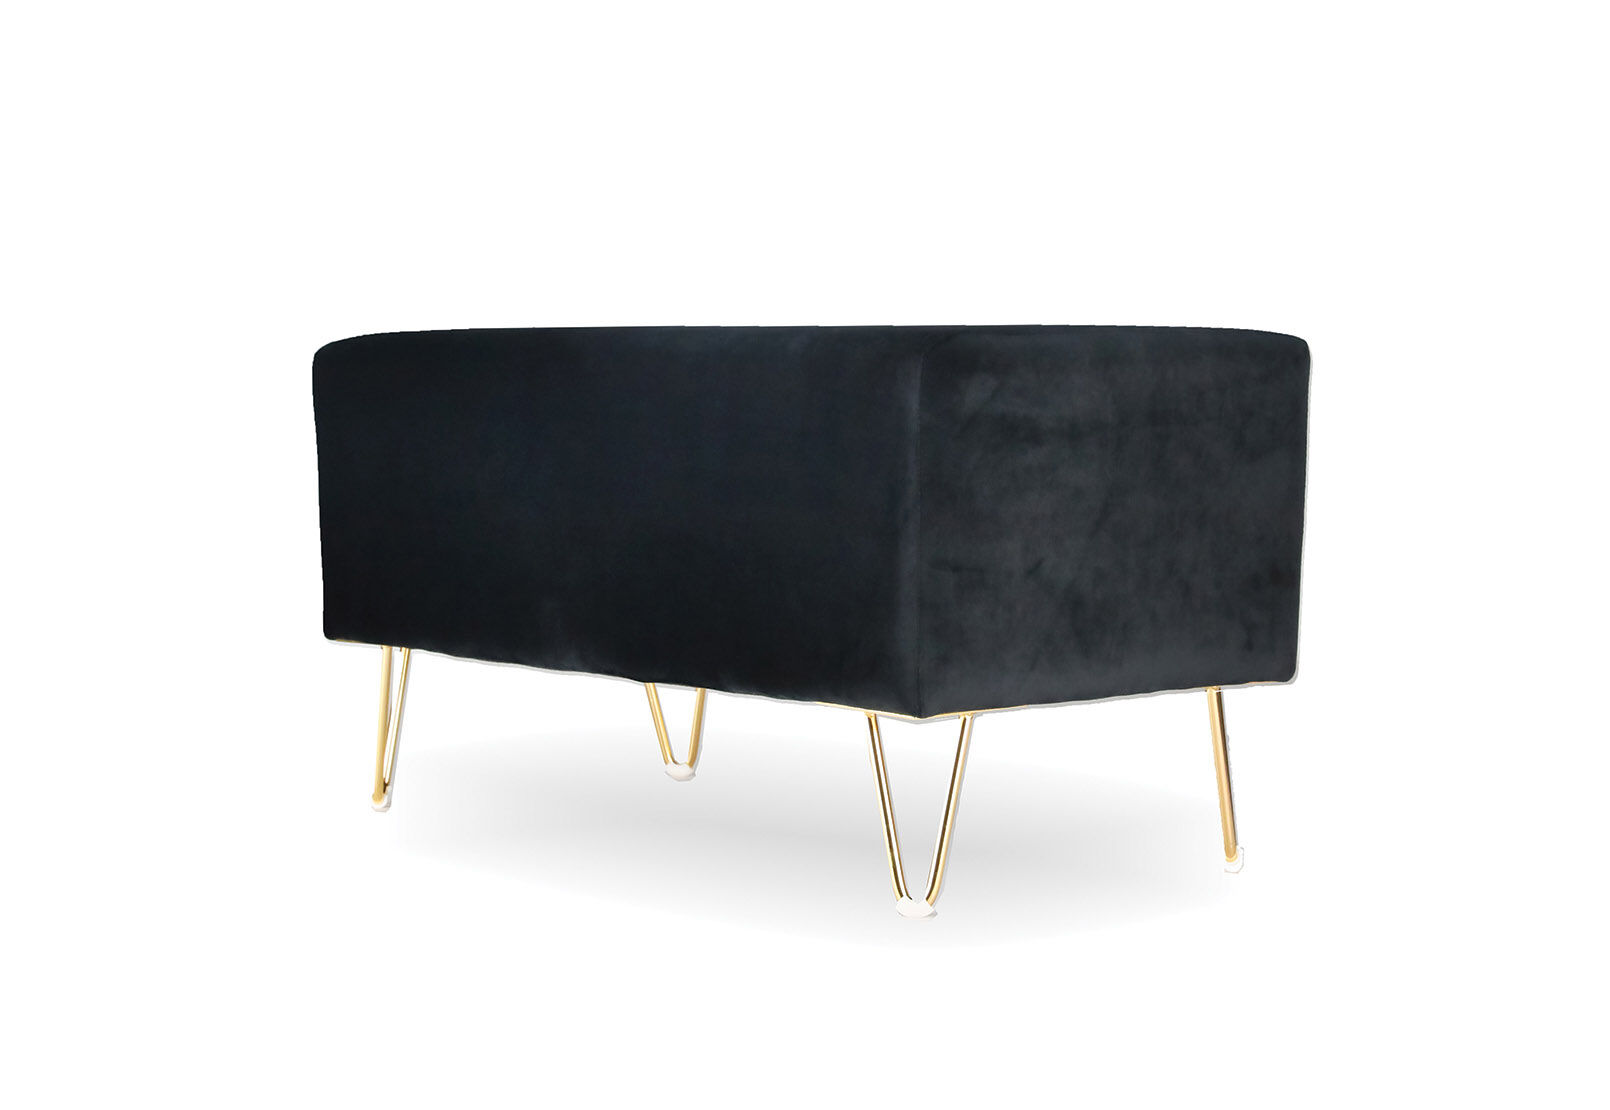 Black Enfield Black Upholstered Bench Amart Furniture